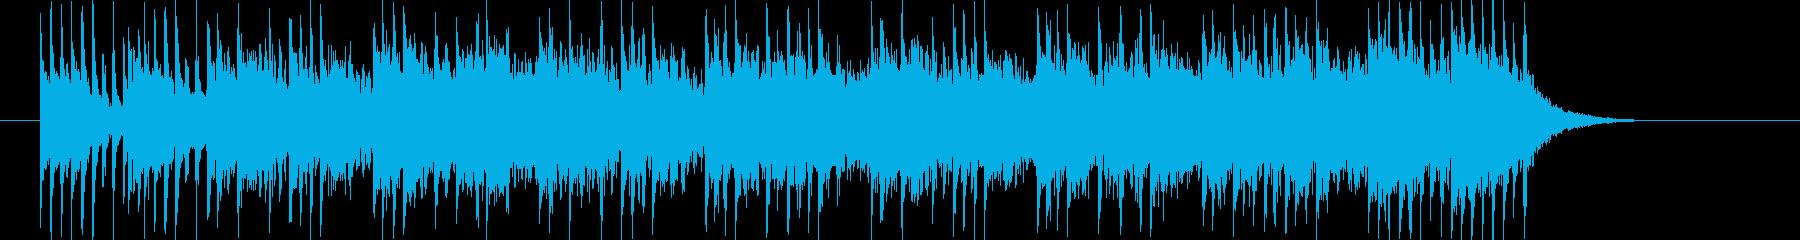 近未来的で疾走感のあるポップなジングル曲の再生済みの波形